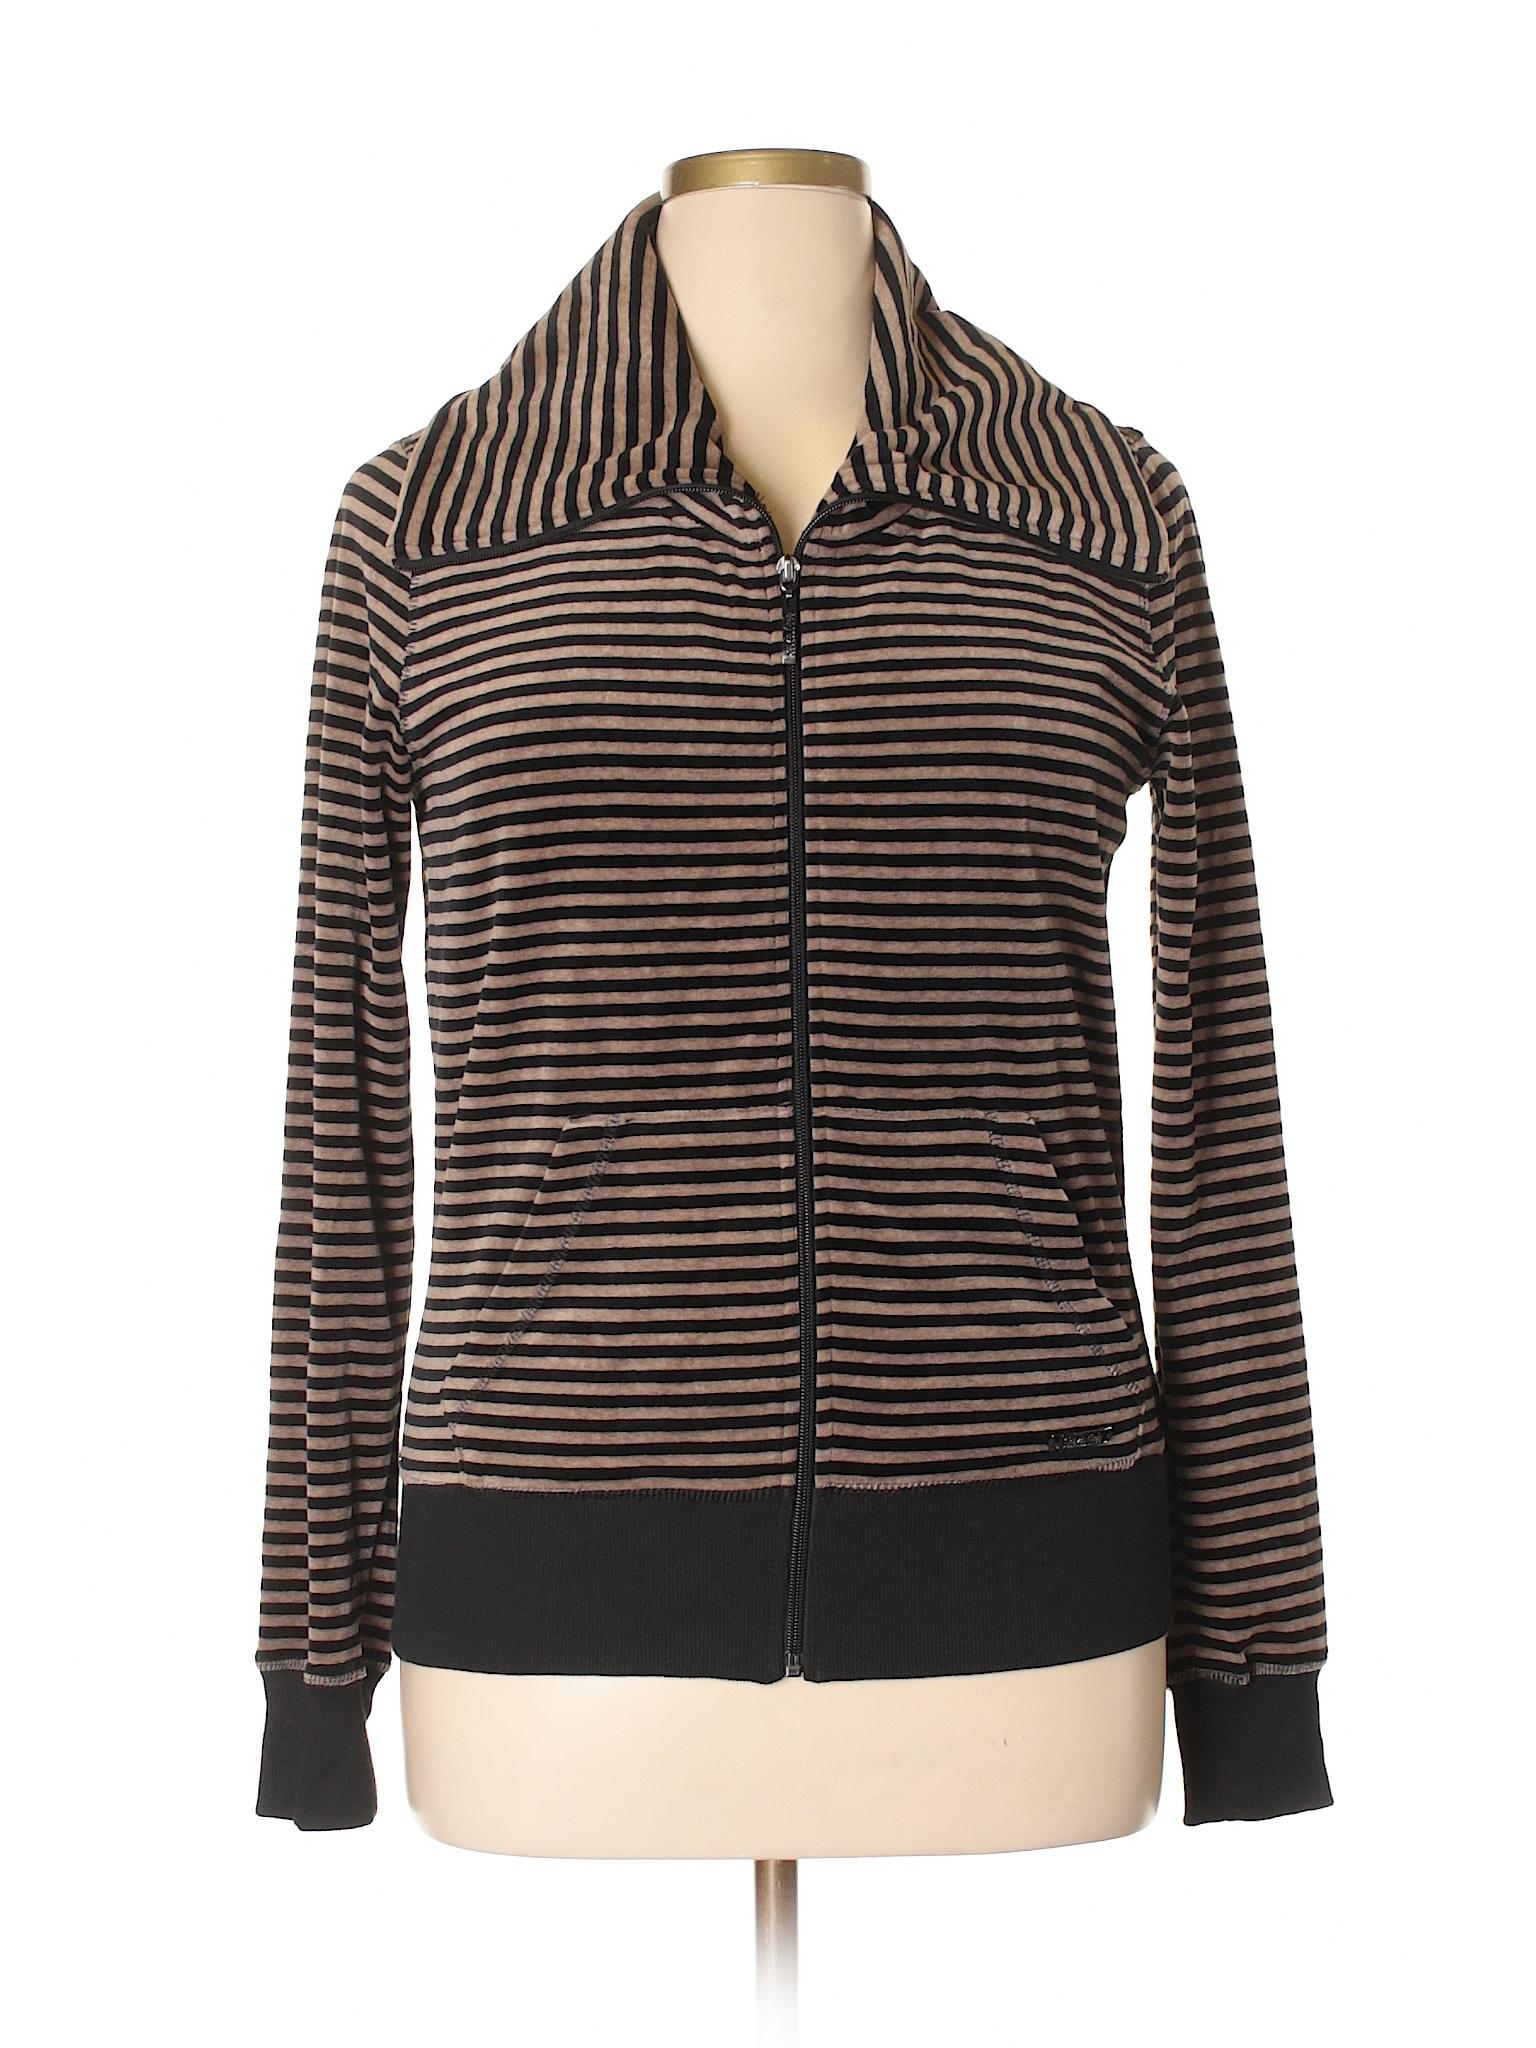 Performance Calvin Boutique Jacket leisure klein twWHq